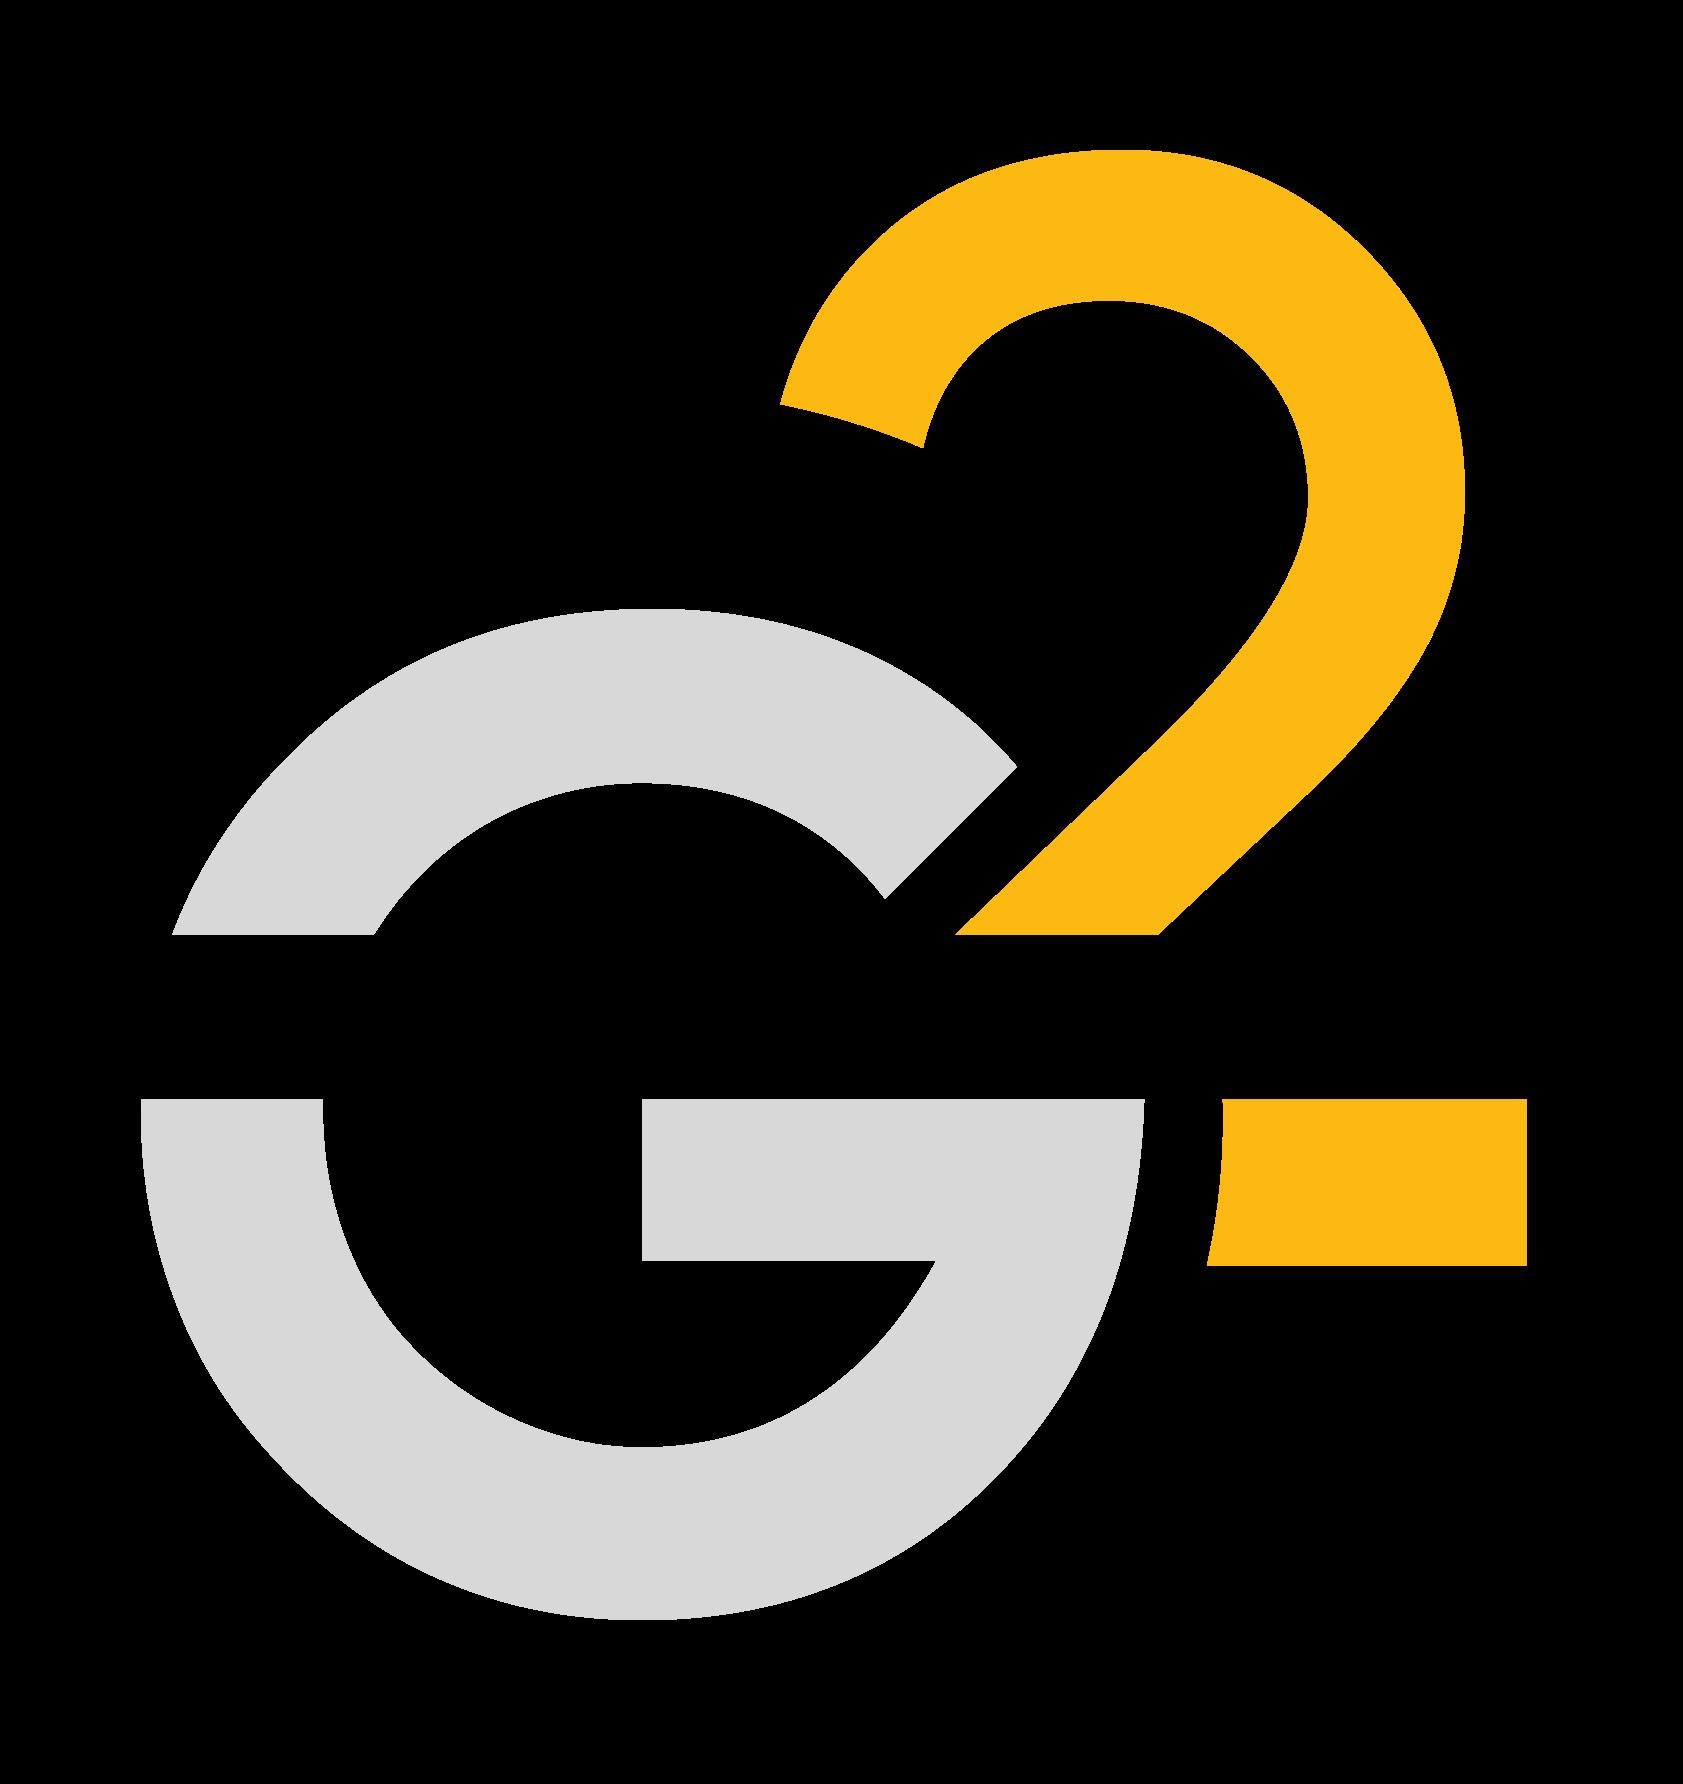 logo _G2 icon tit